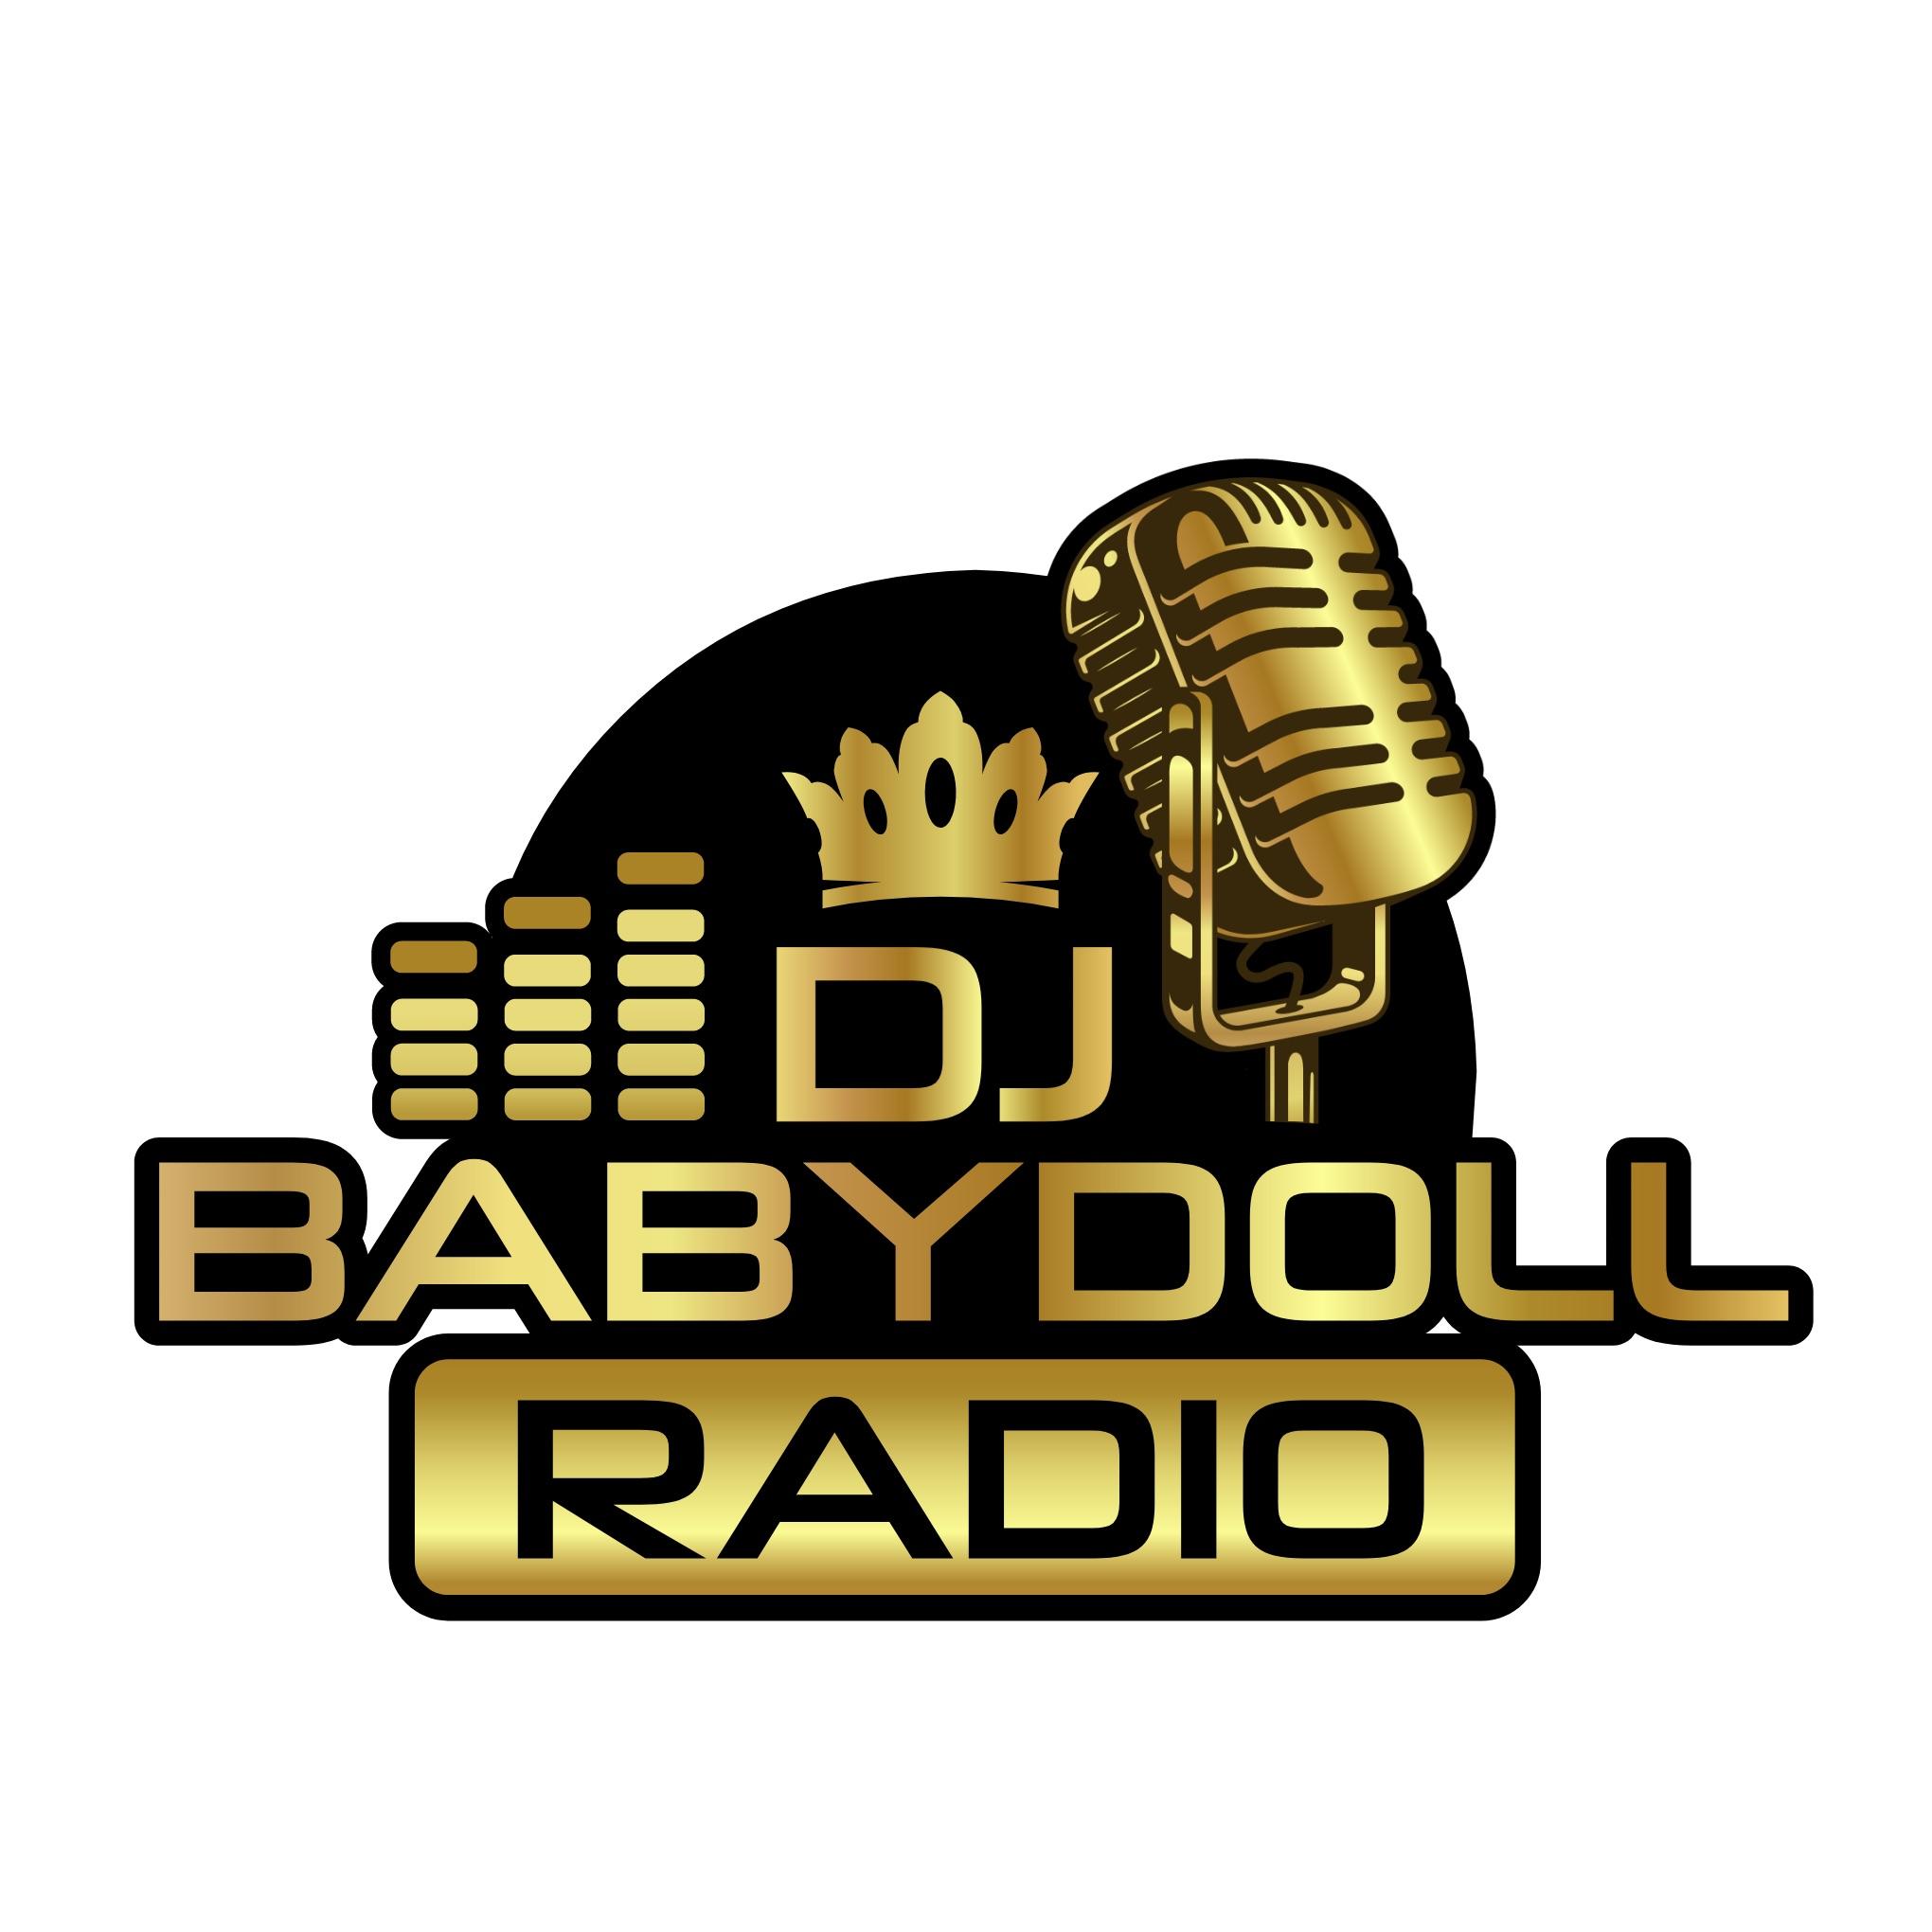 DJ BabyDoll Radio  logo